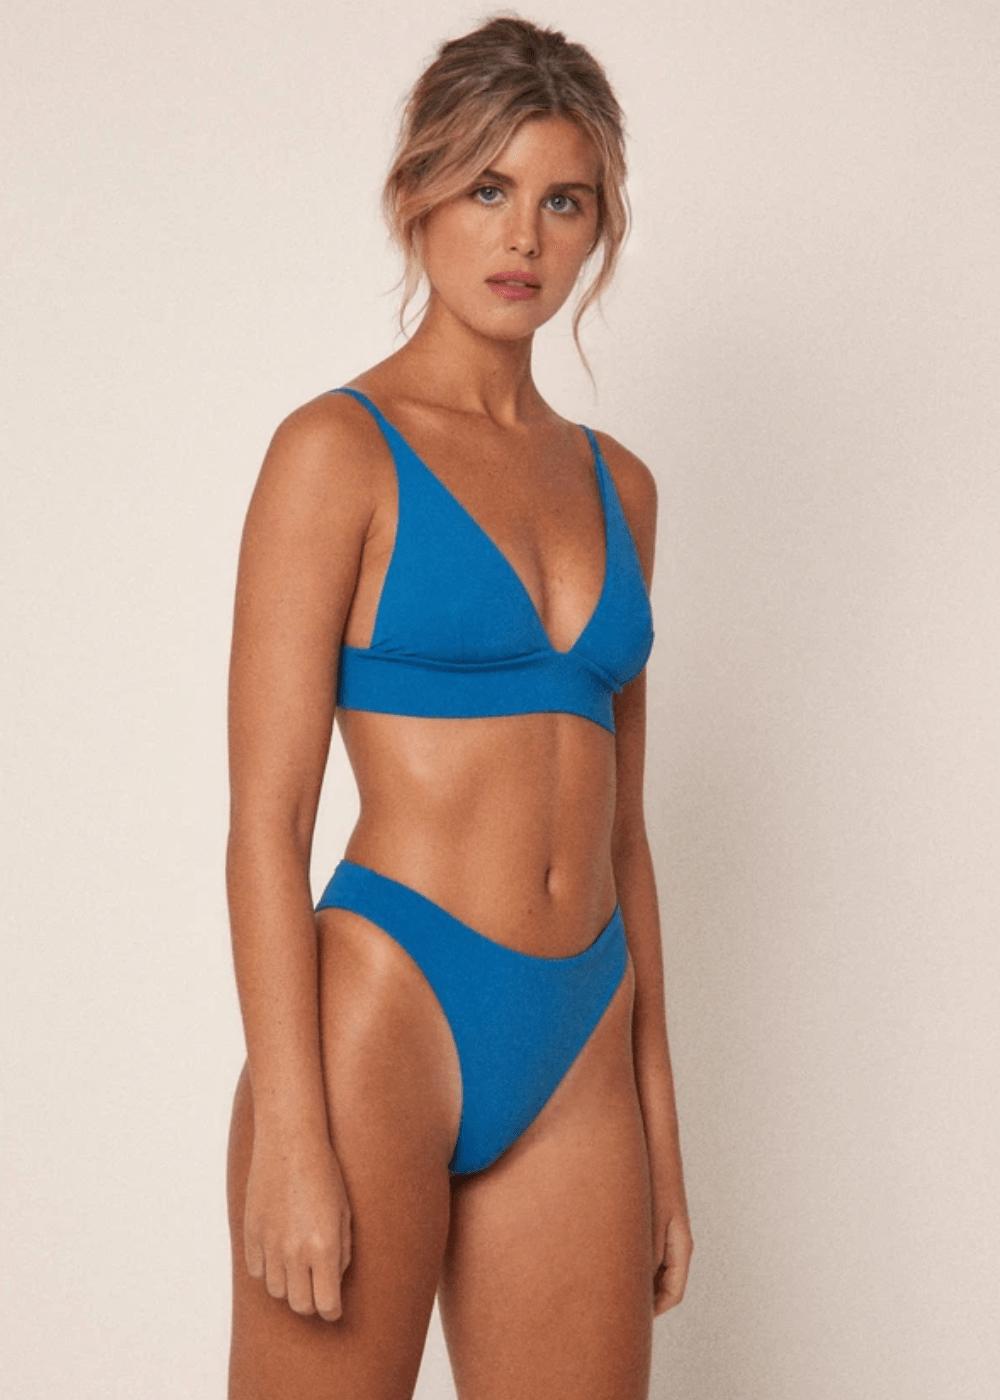 Calcinha Fox Azul